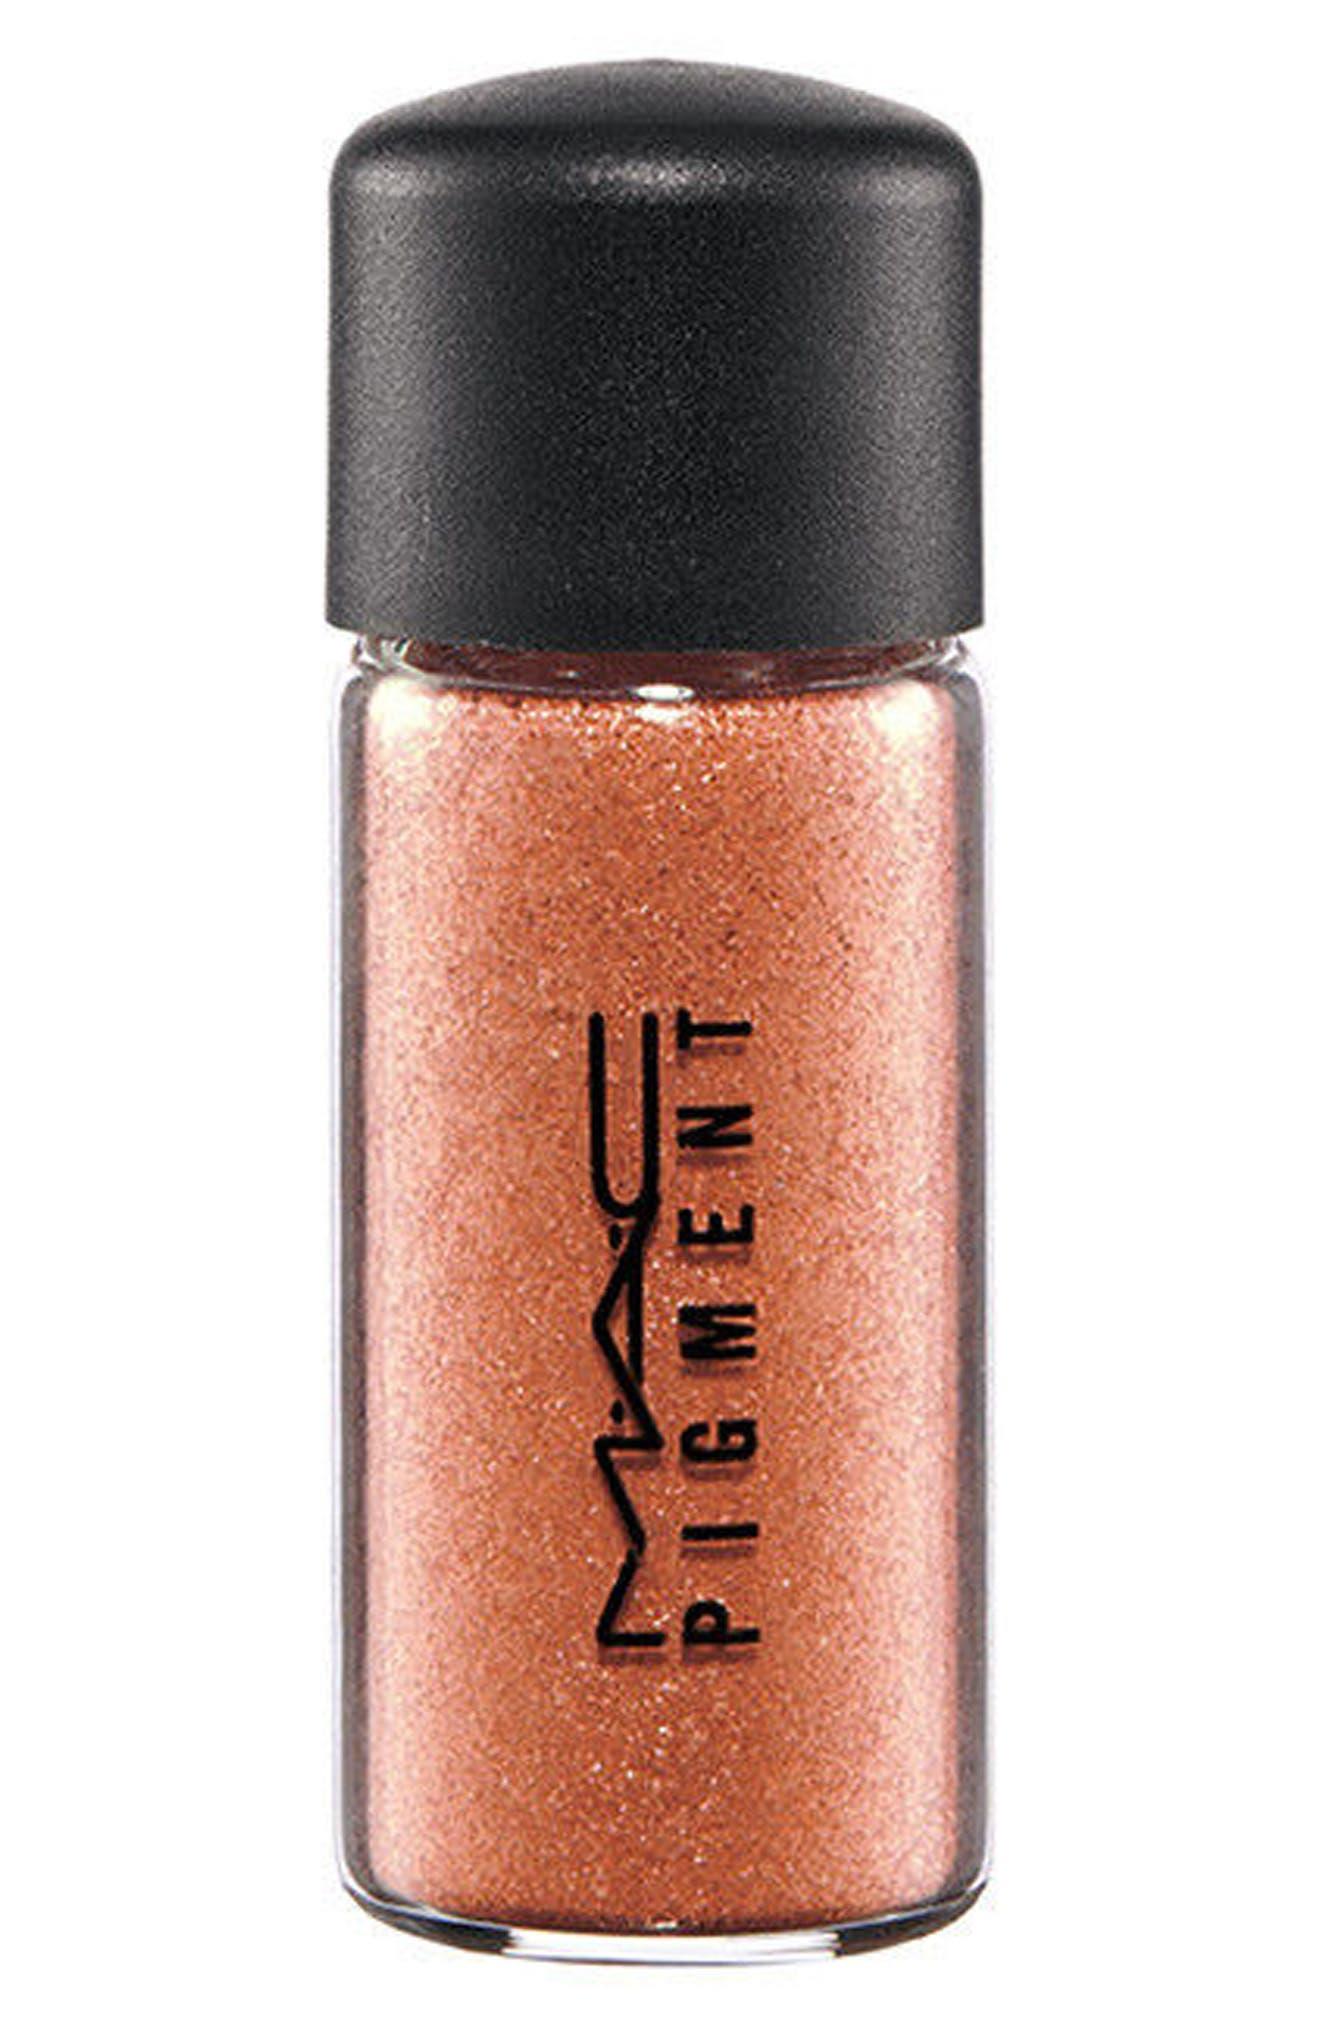 MAC Little MAC Mini Pigment,                             Main thumbnail 1, color,                             Copper Sparkle